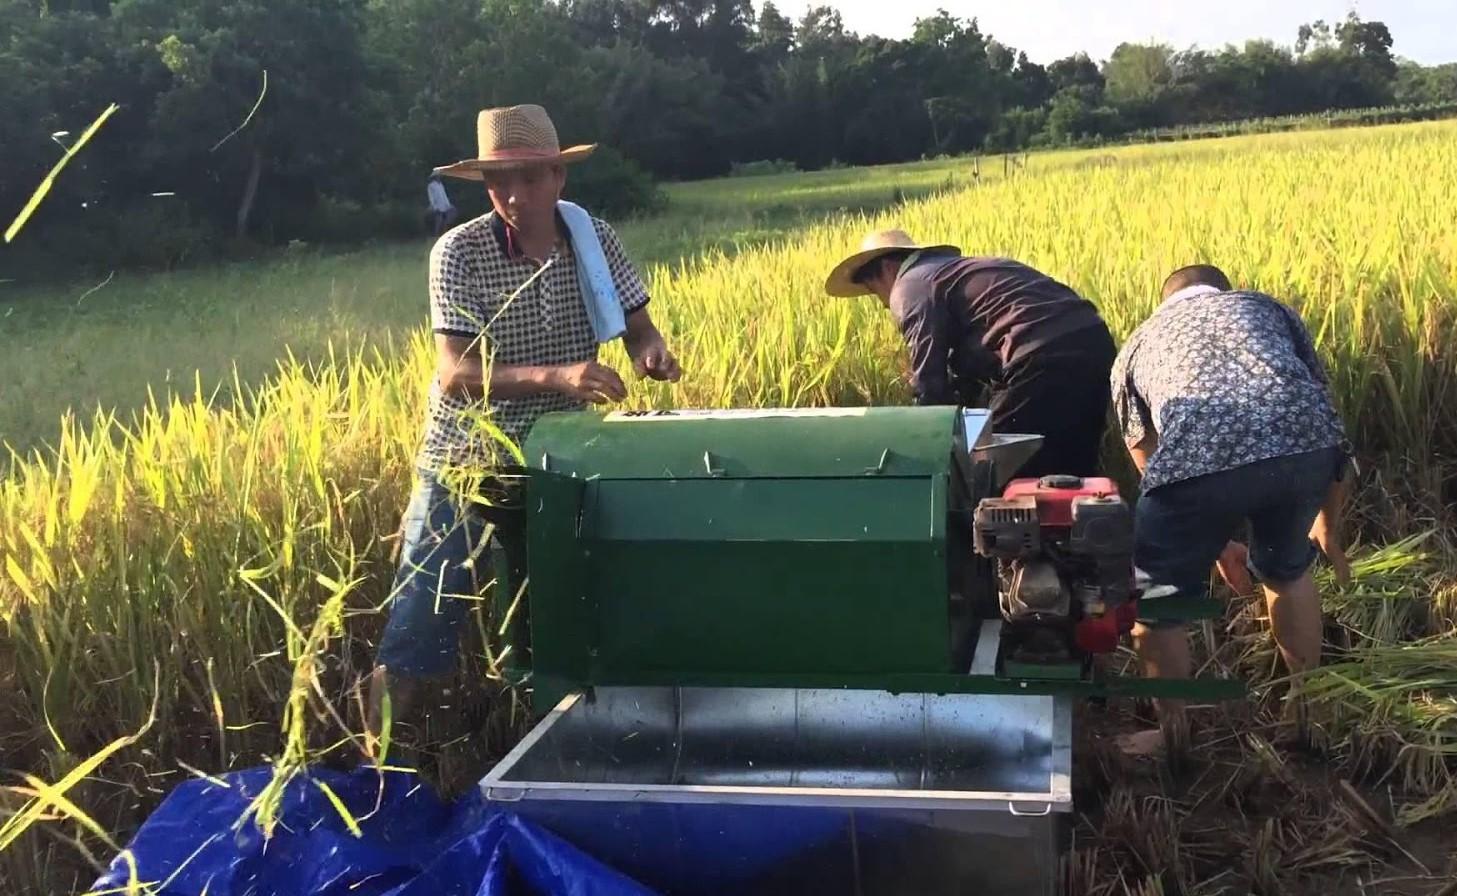 Nông dân sử dụng máy nông nghiệp nhưng không trang bị bảo hộ lao động rất dễ xảy ra tai nạn lao động.